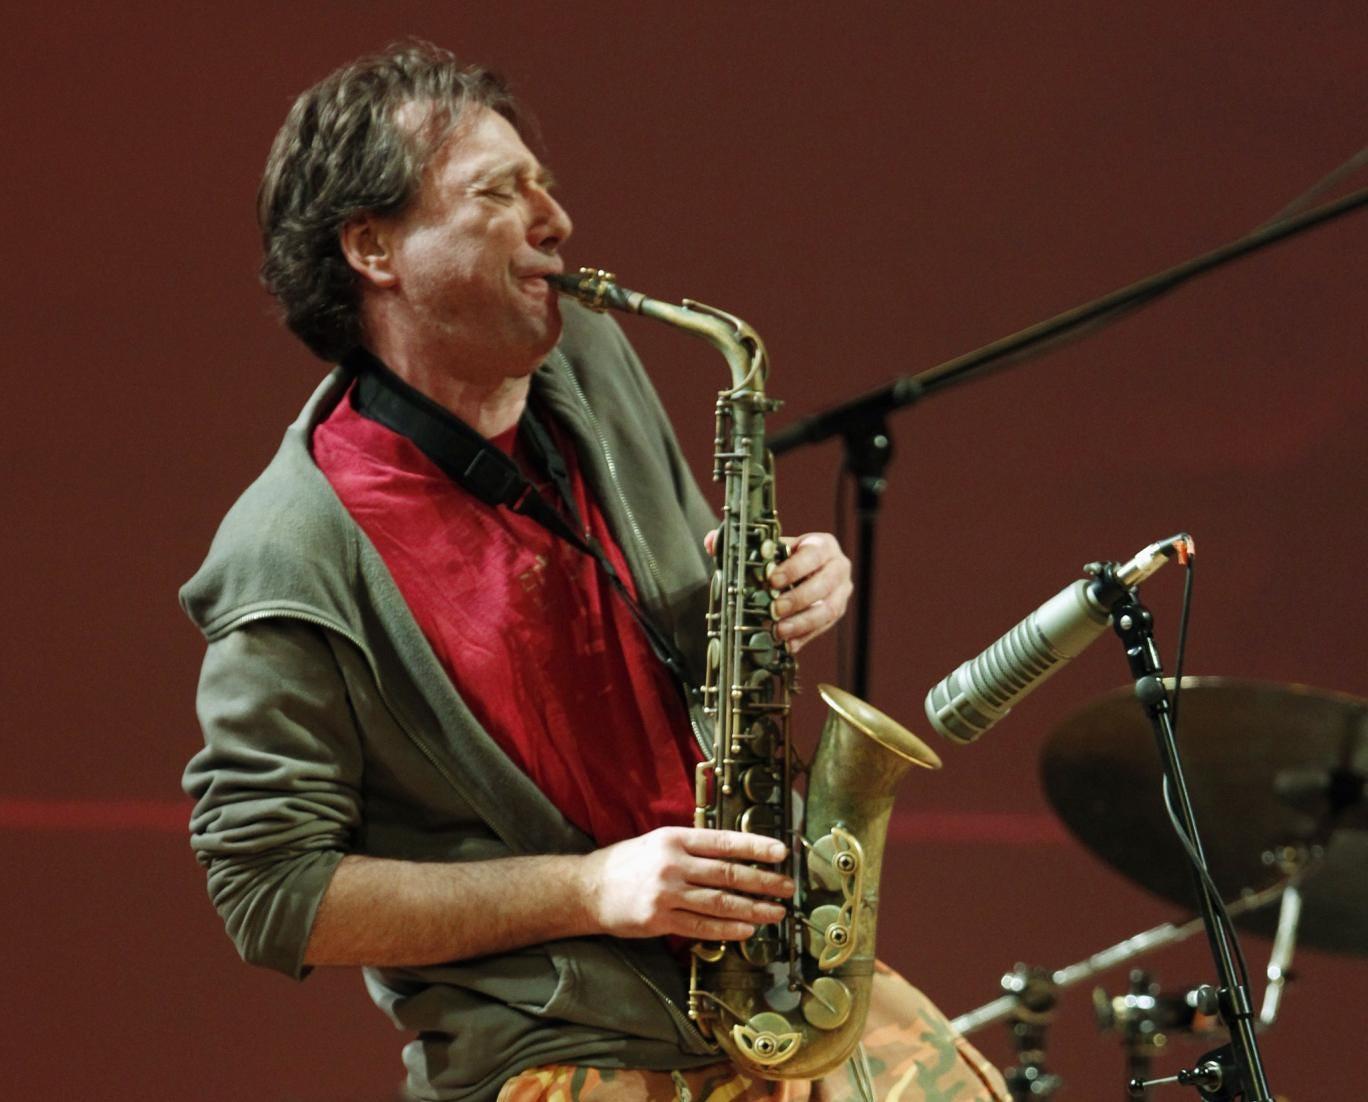 John Zorn performing in 2011